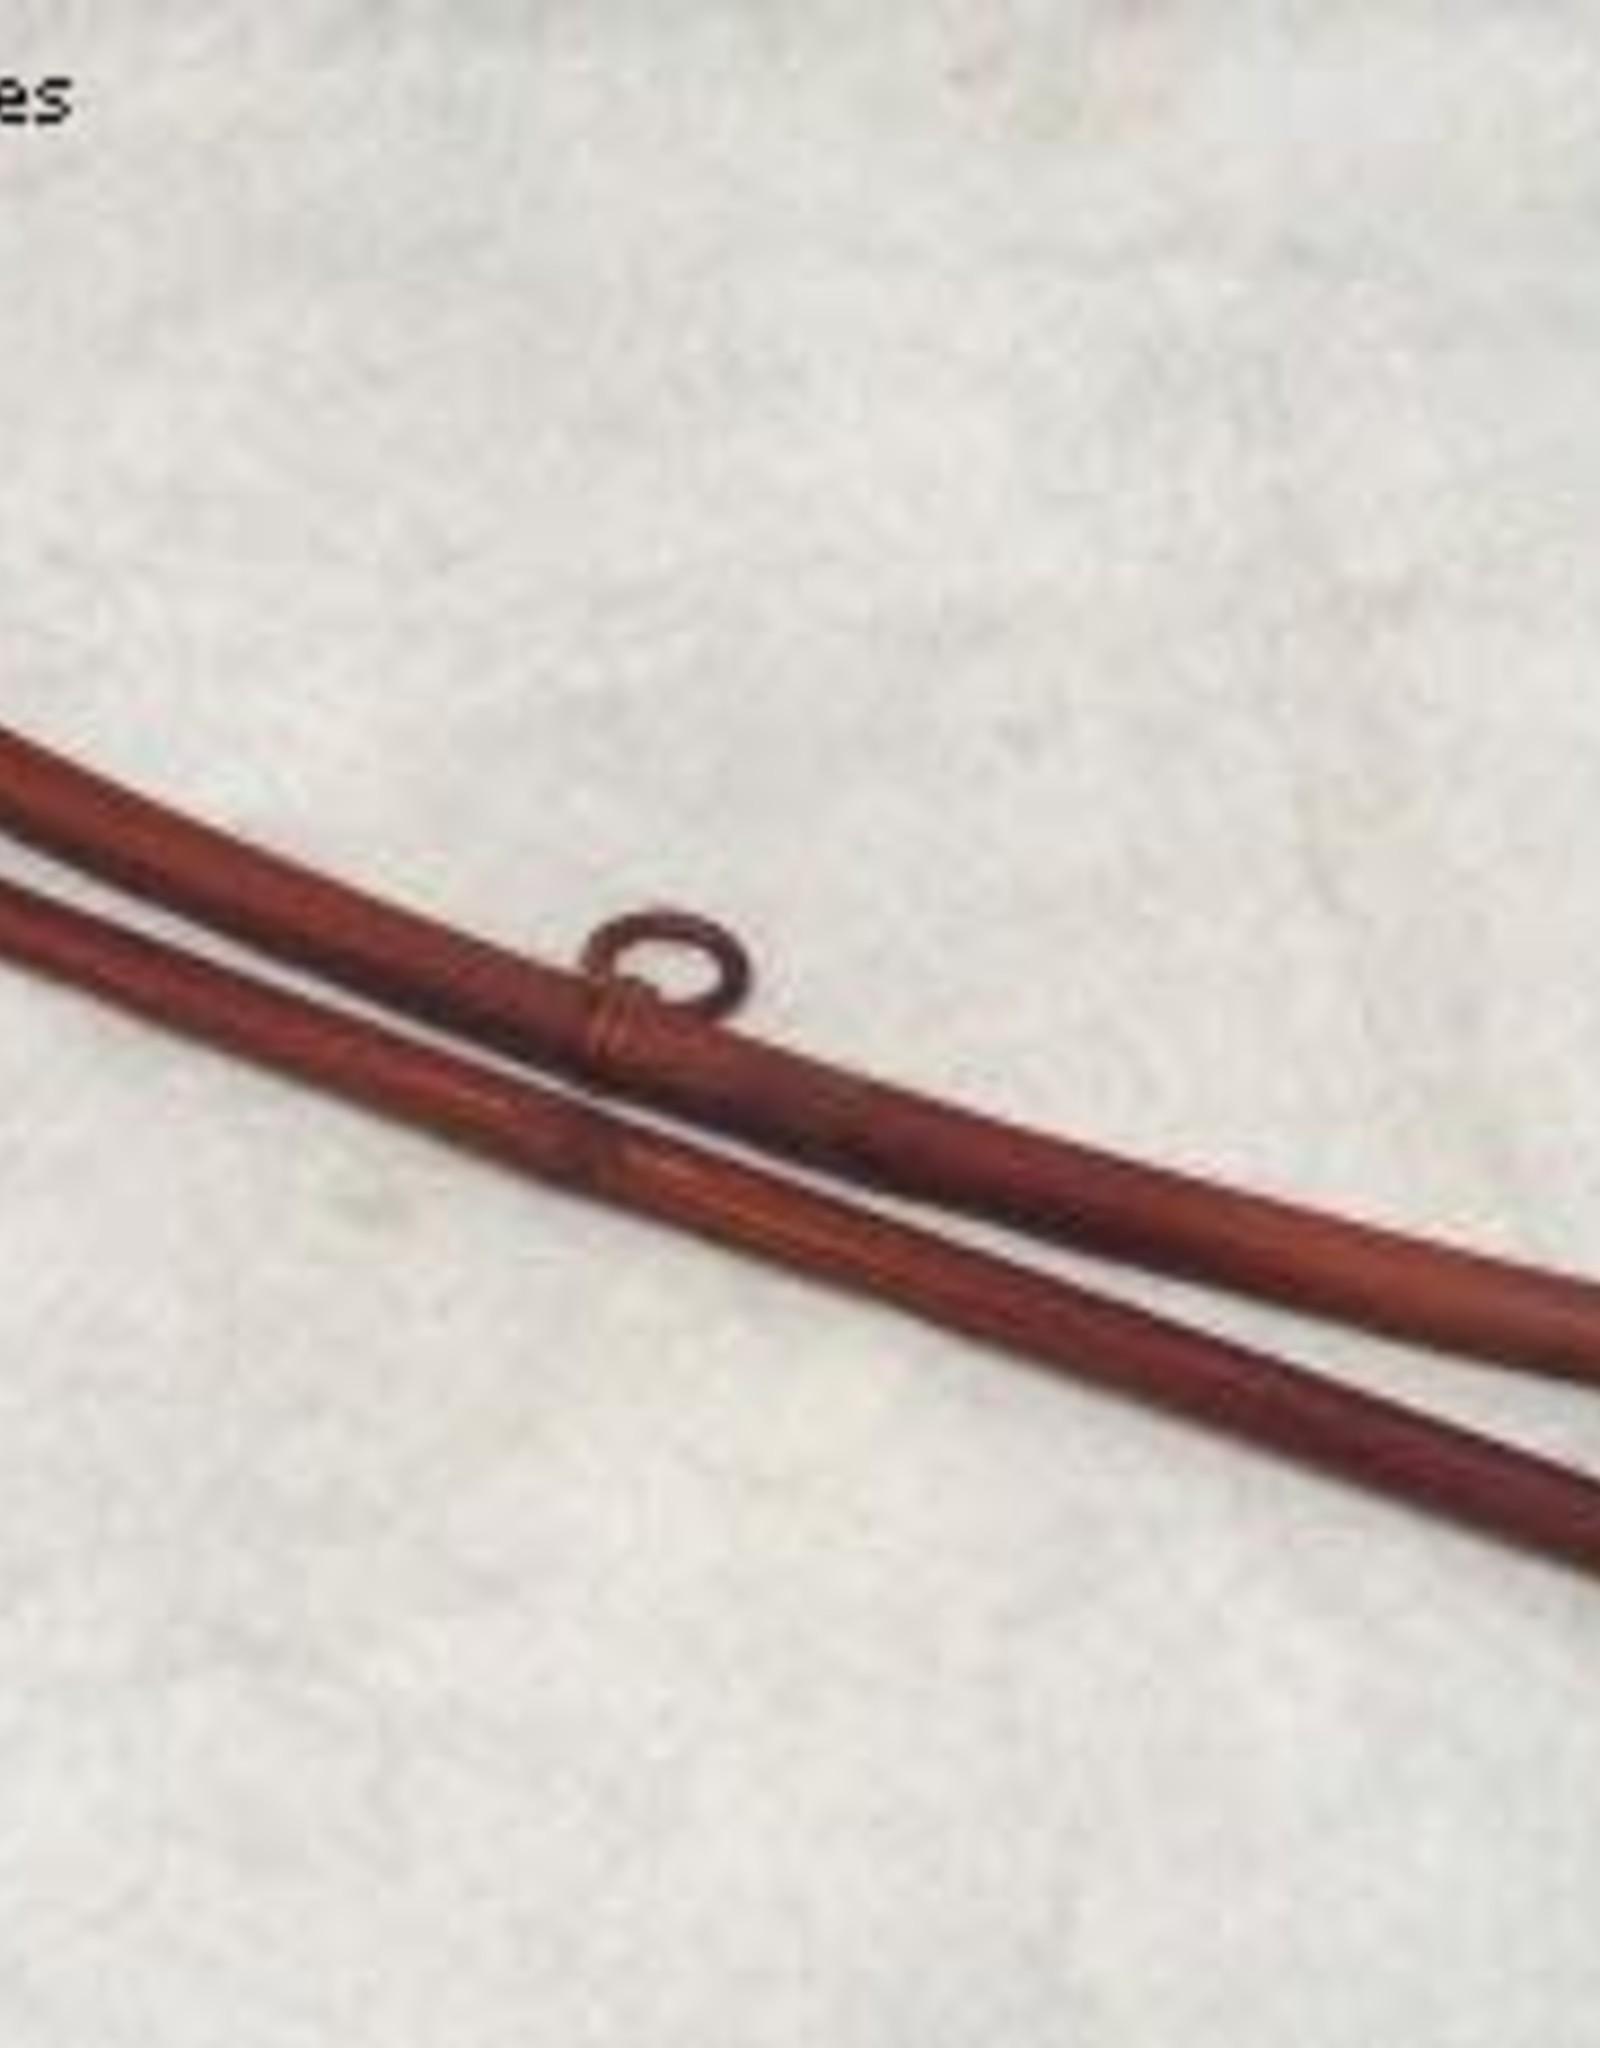 Bamboo Textile Hanger (Small)